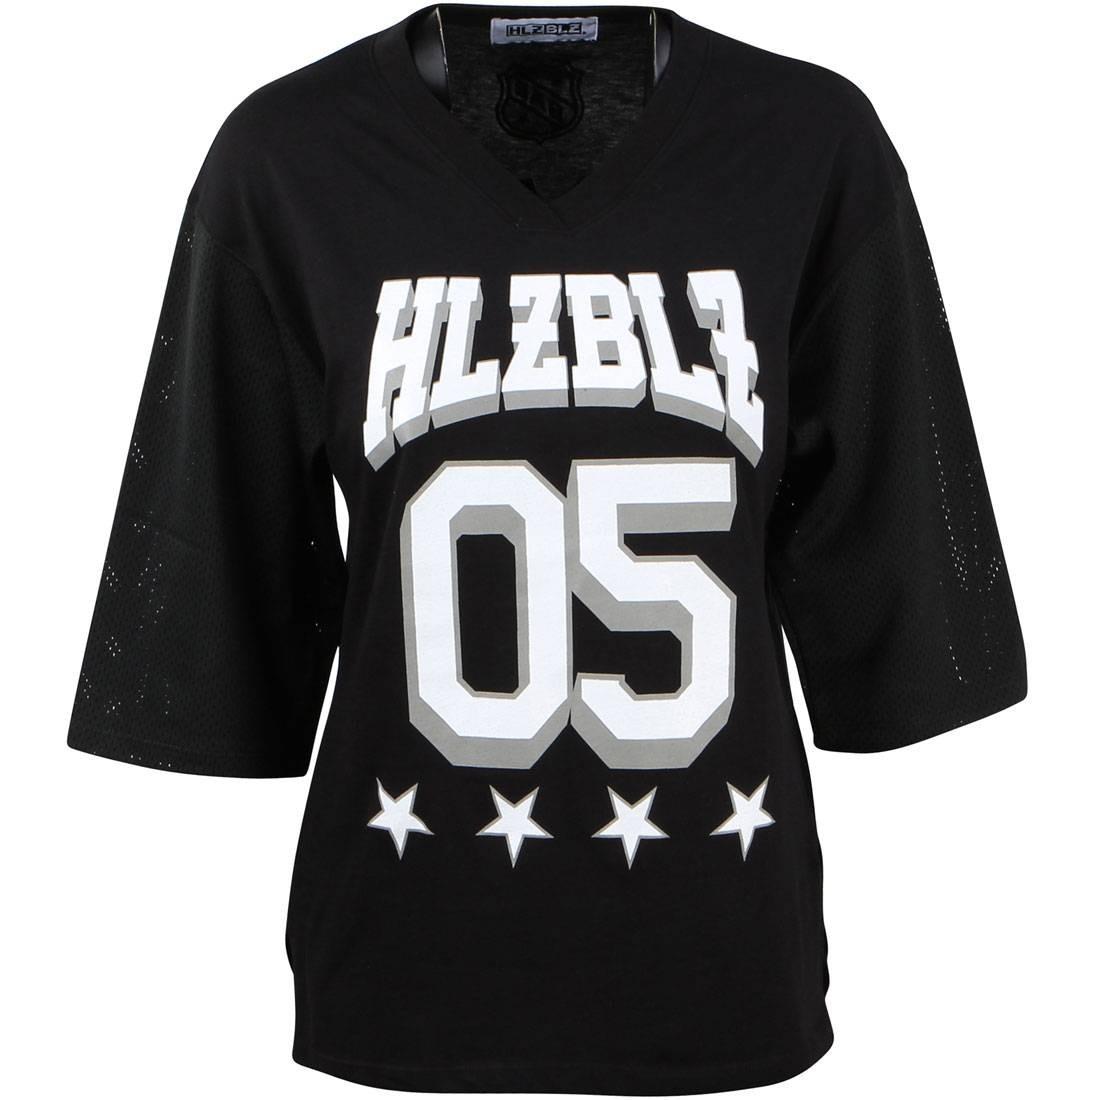 チーム ジャージ メンズファッション トップス Tシャツ カットソー レディース 【 Hlzblz Women Team Bae Jersey (black) 】 Black